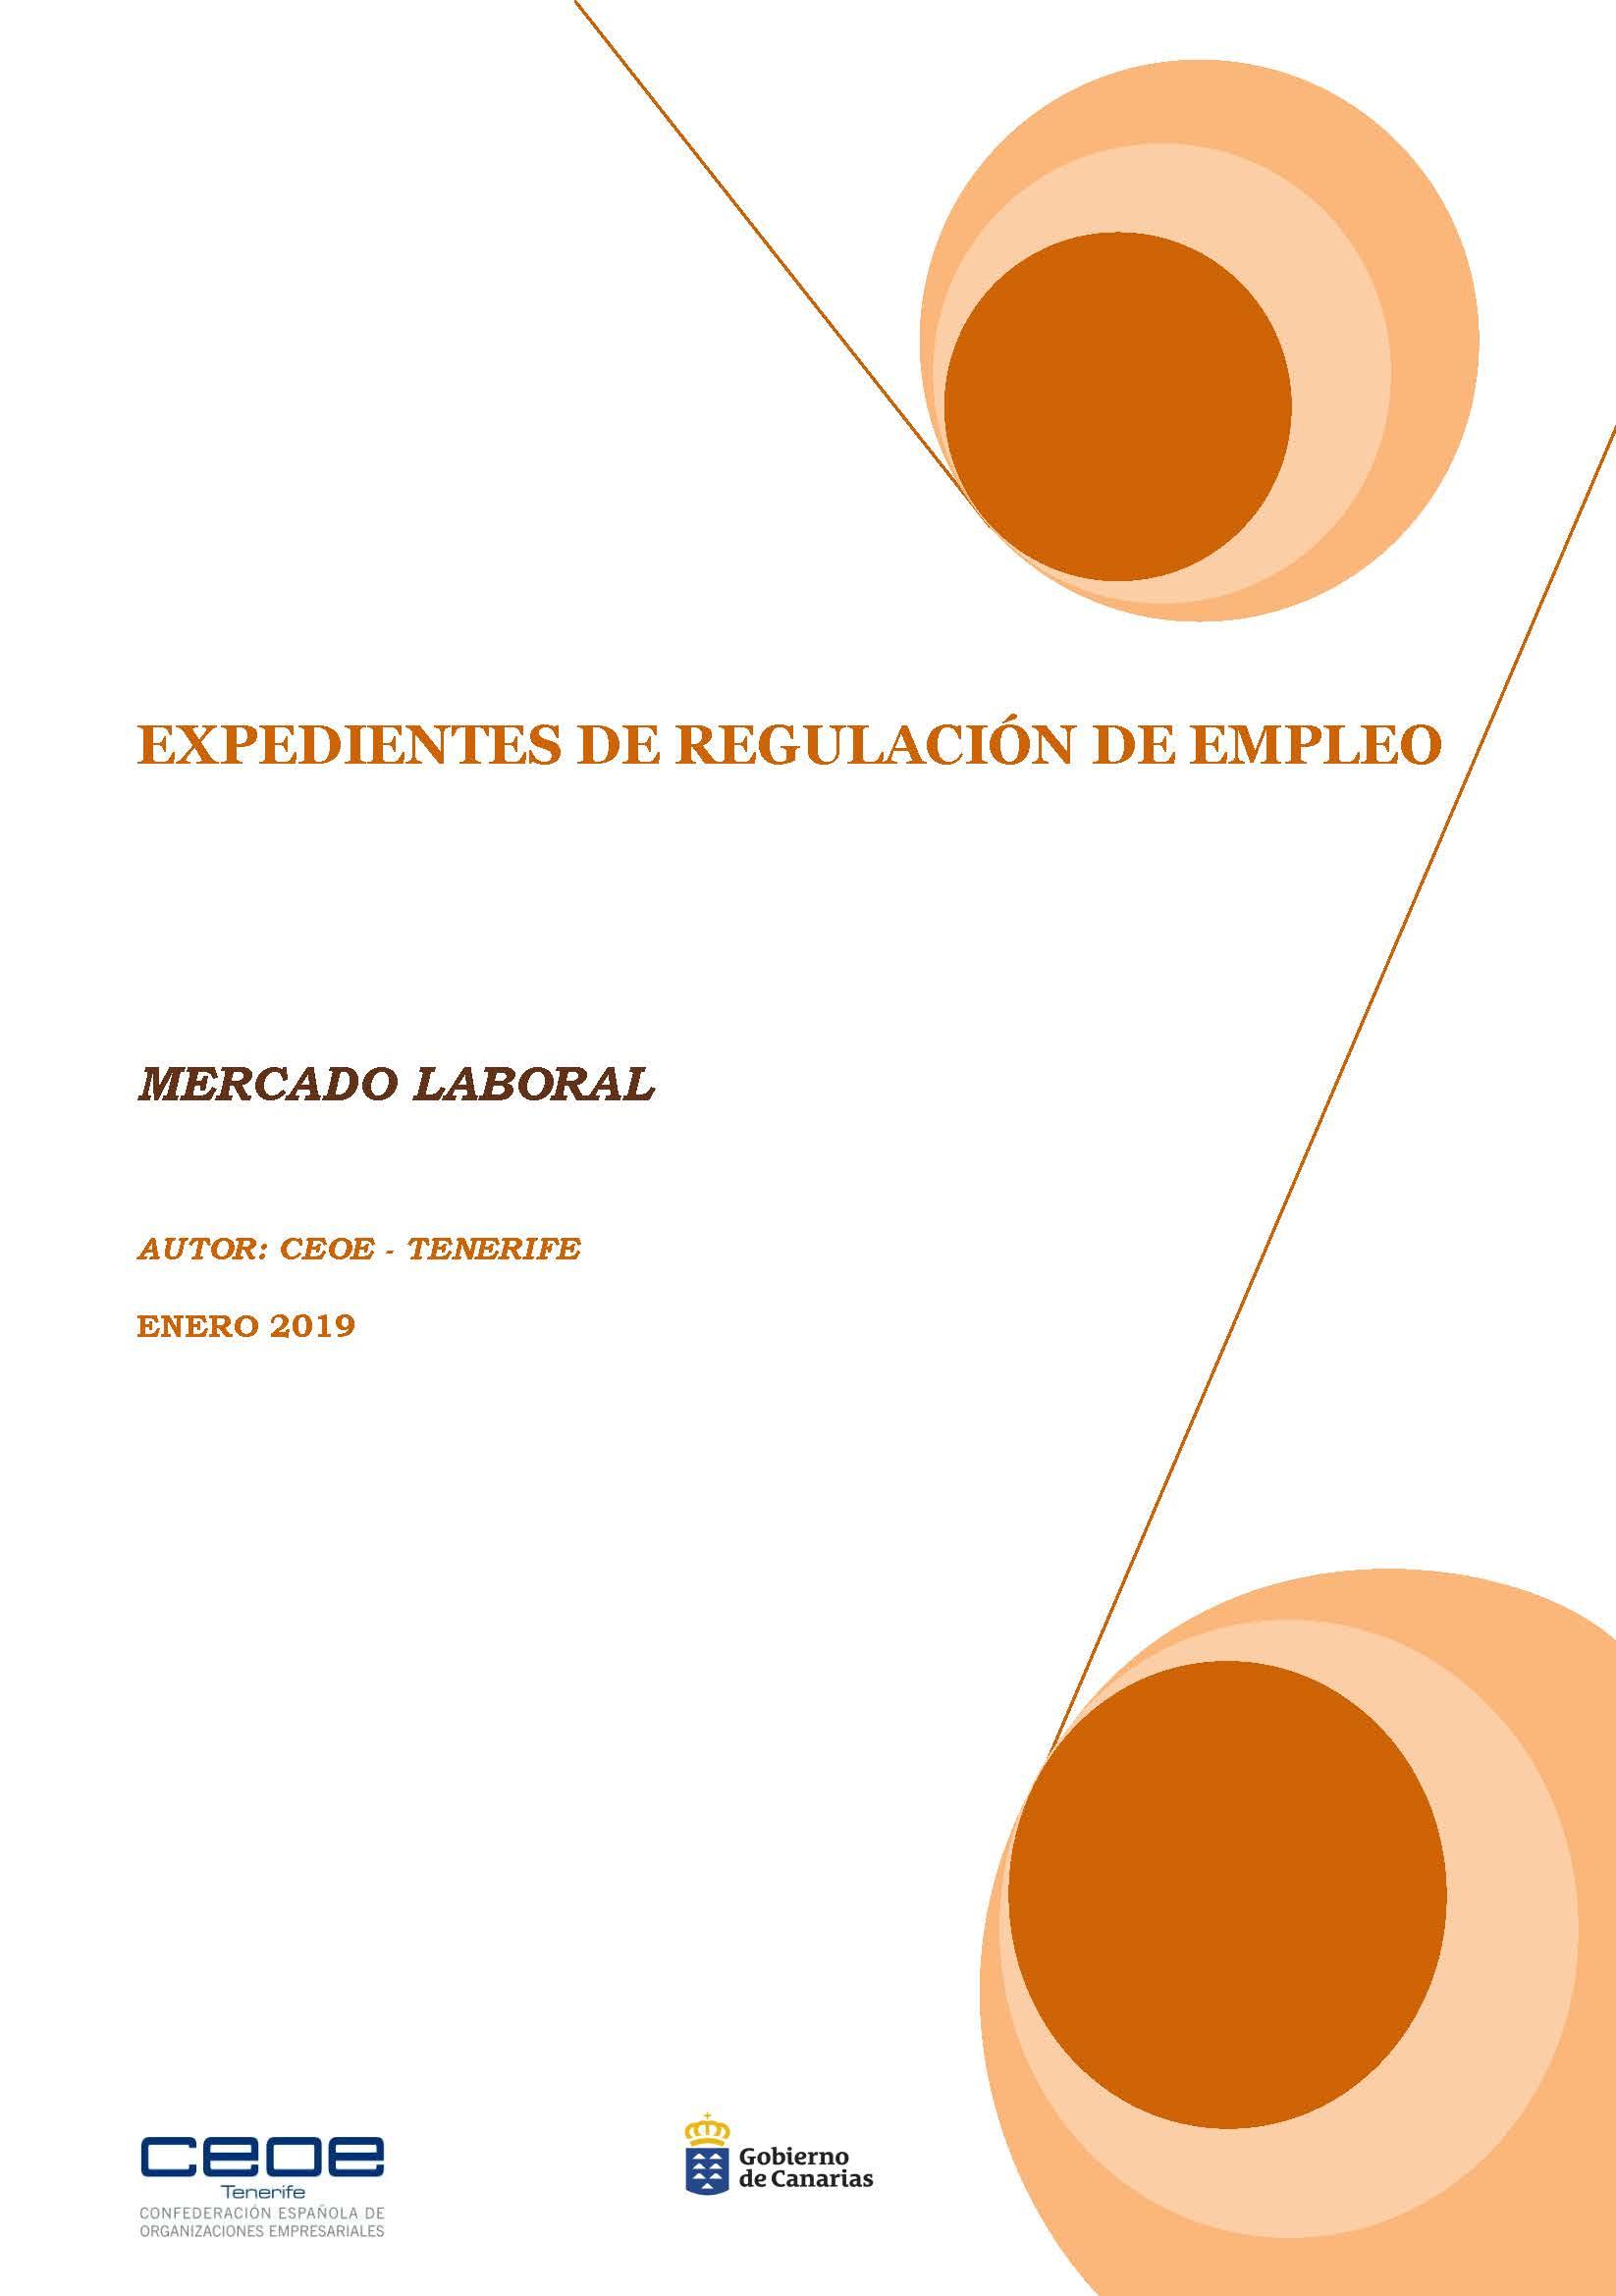 MERCADO LABORAL - ERES ENERO 2019